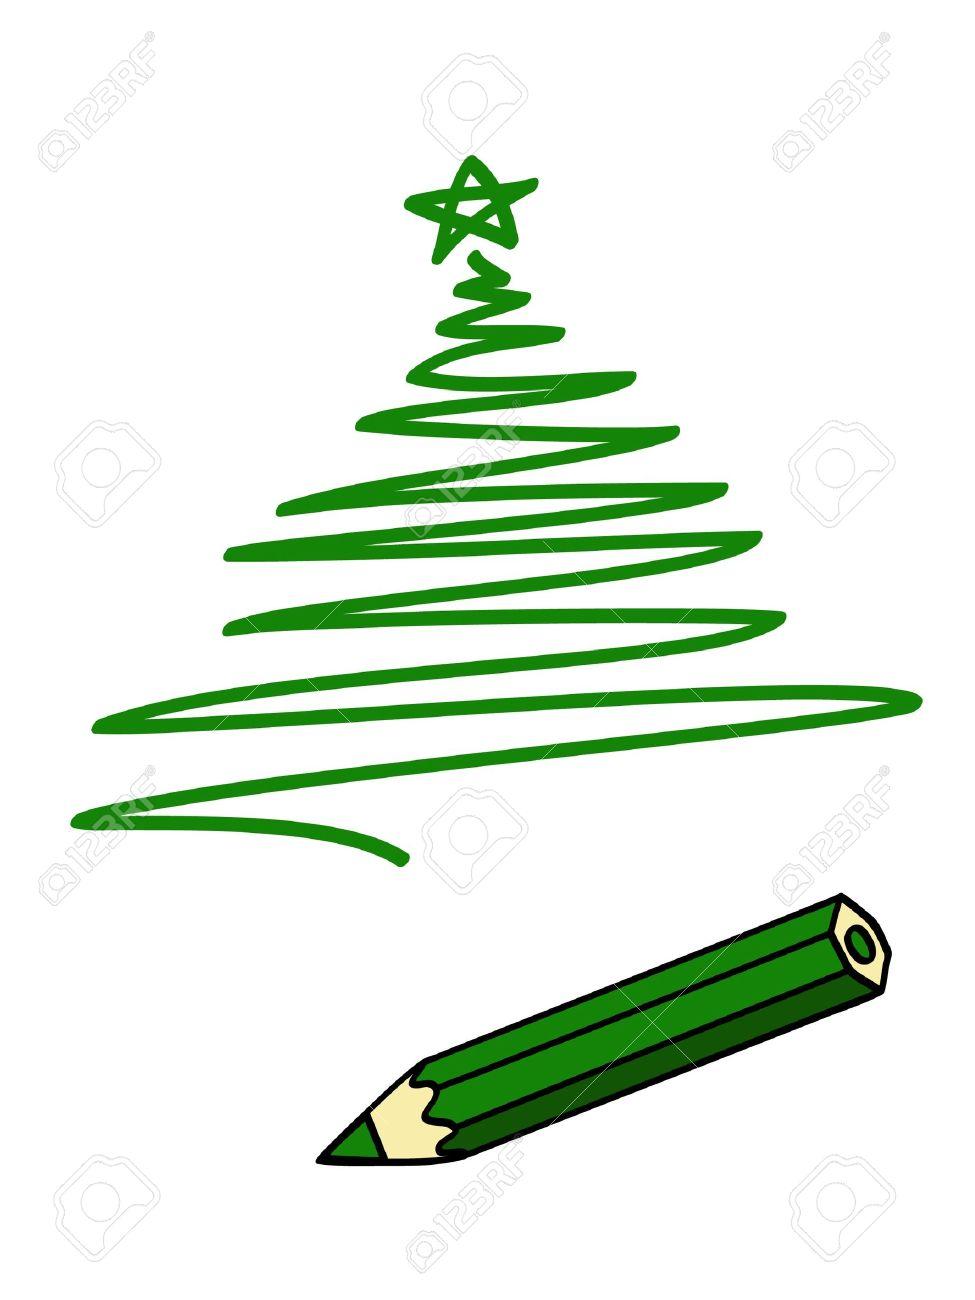 Un Lápiz Verde Y Un Dibujo Verde De Un árbol De Navidad